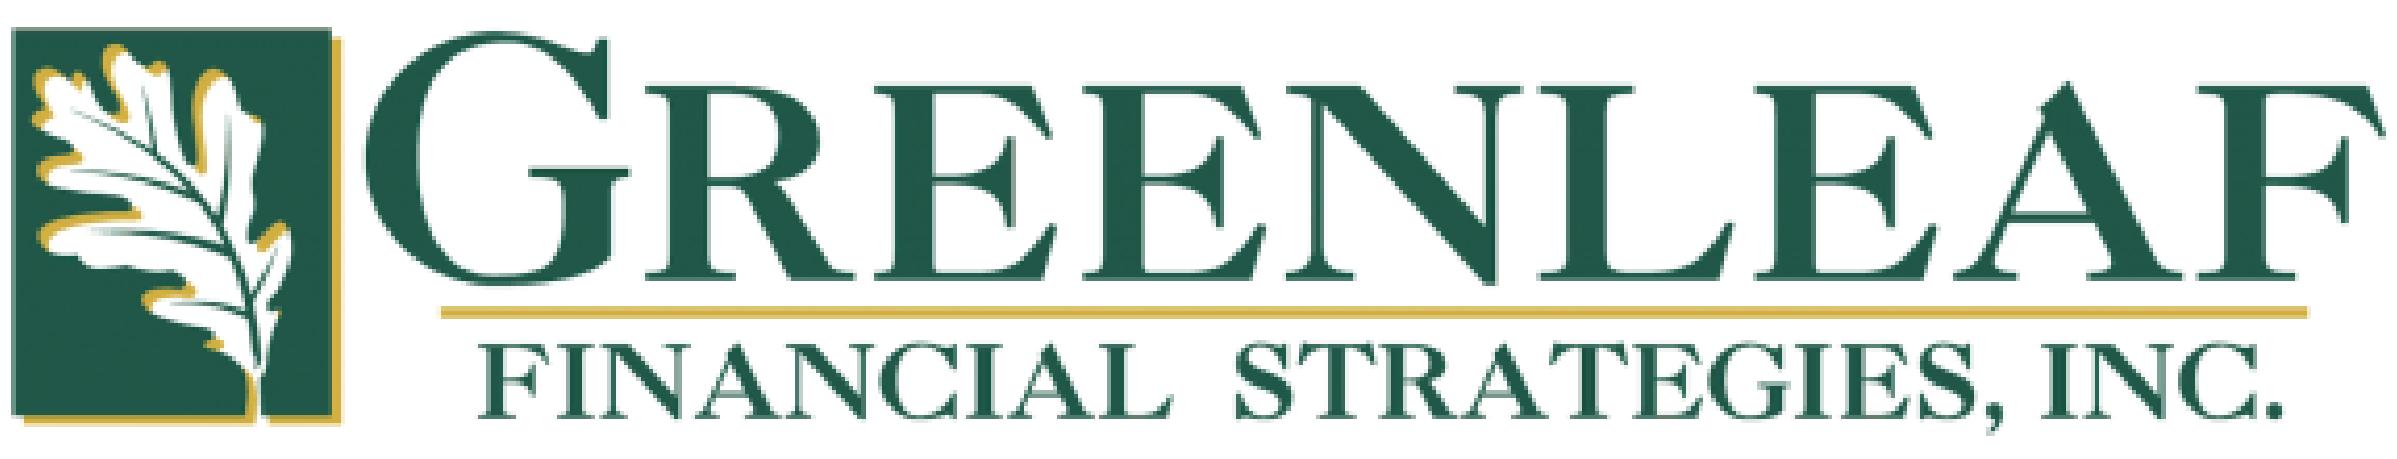 Greenleaf Financial